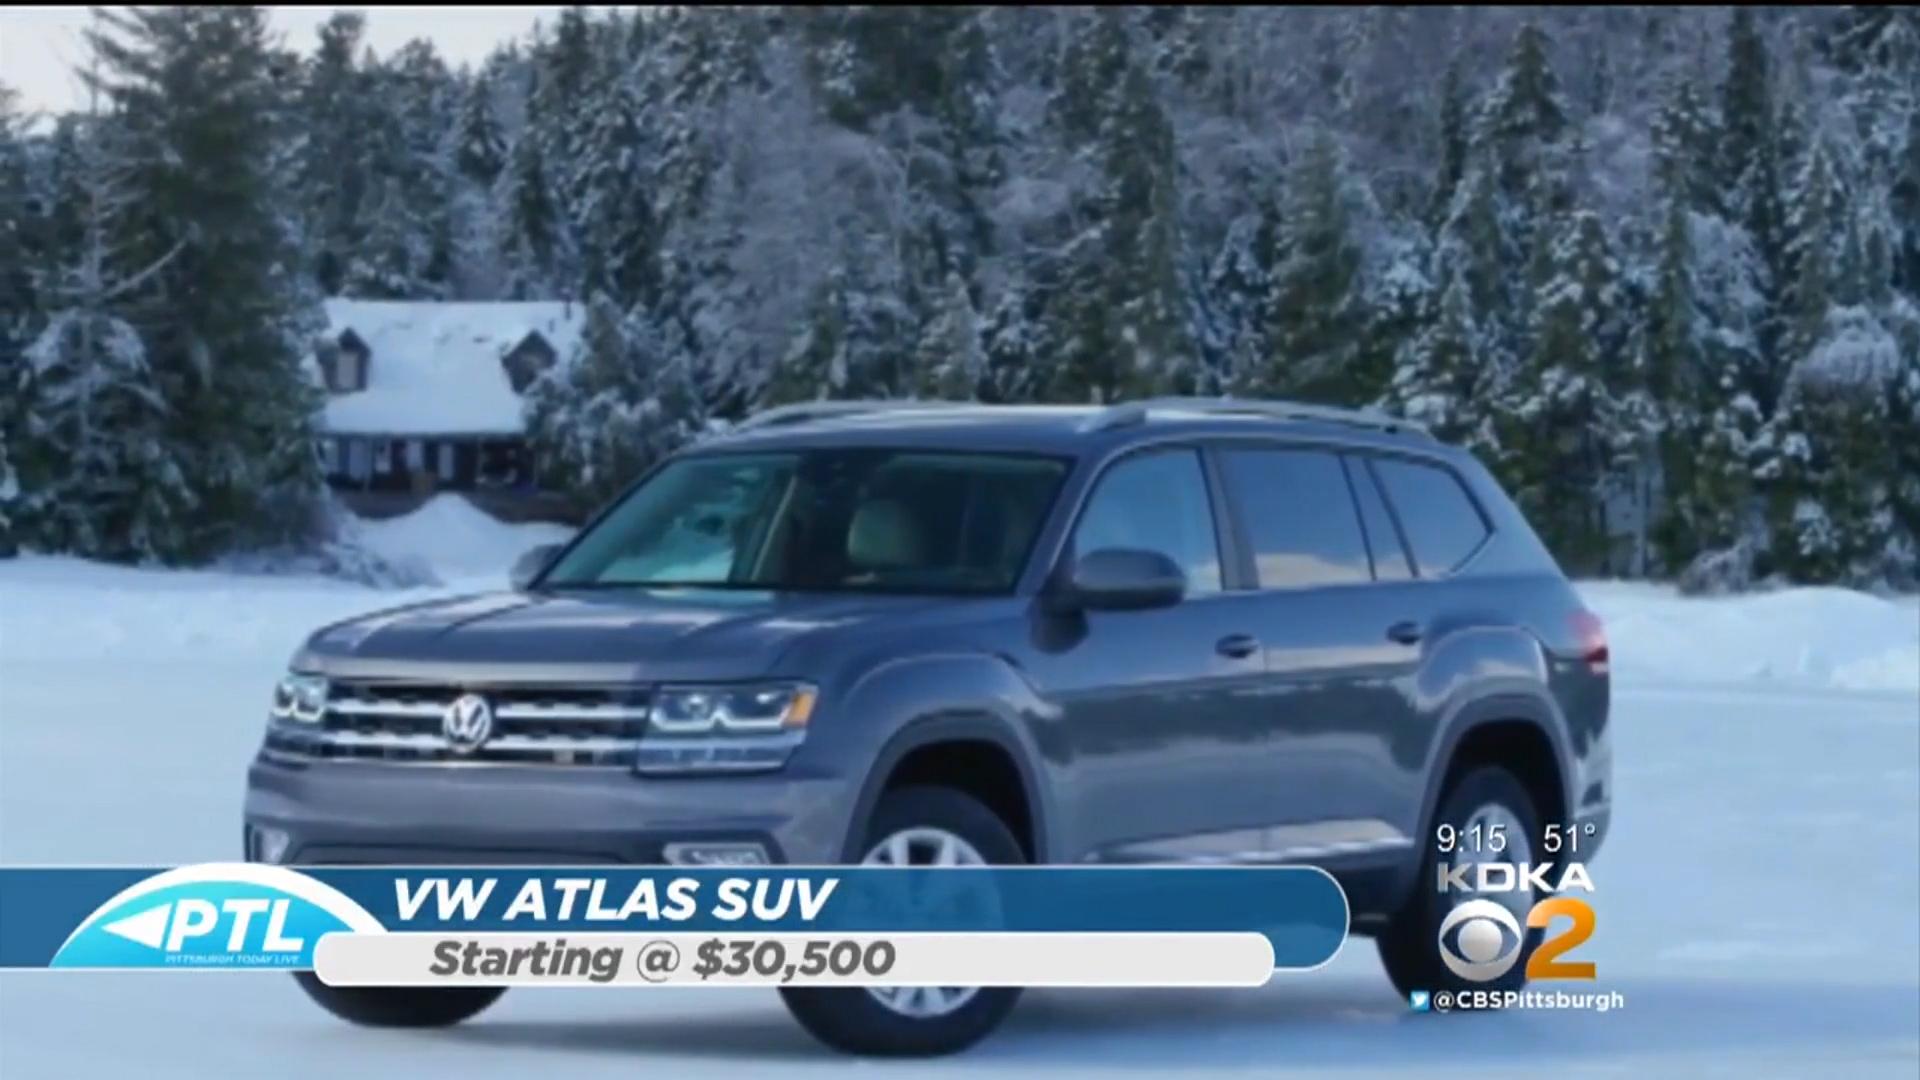 Volkswagen Atlas SUV - Starting at $30,500(800) 822-8987www.vw.com/atlas